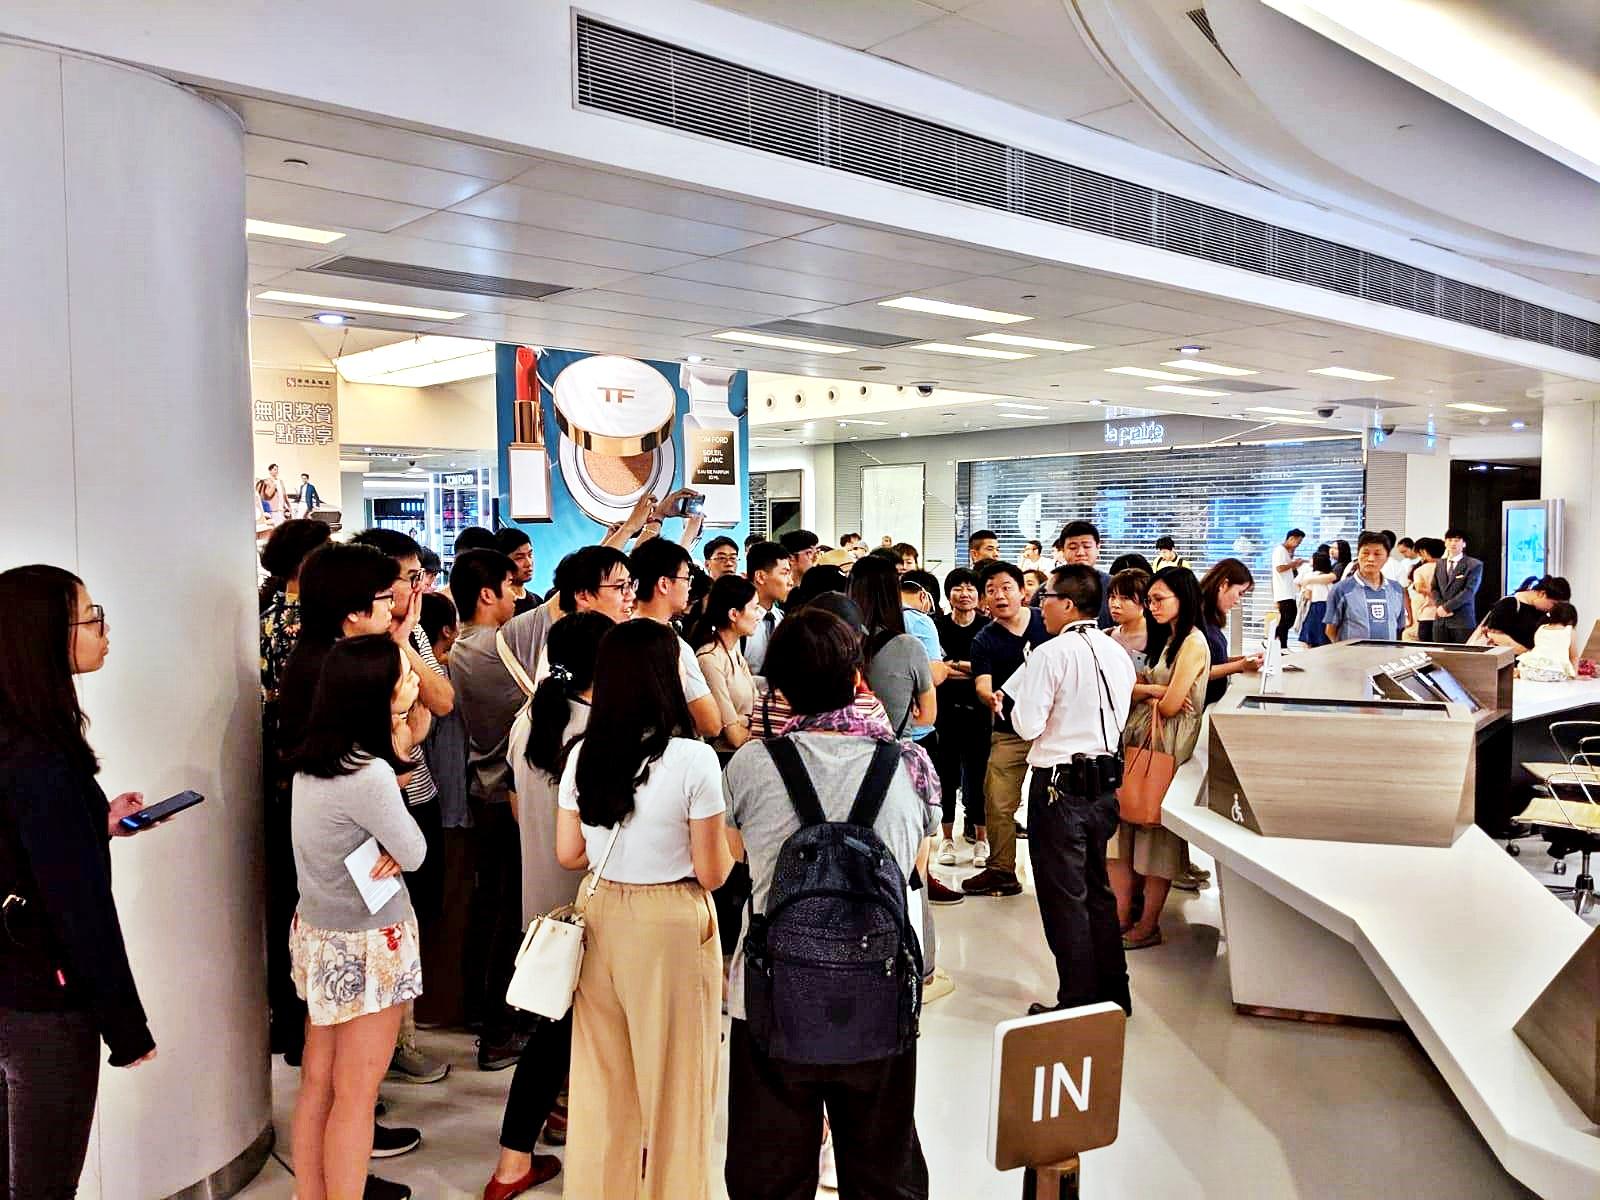 圖片來源:FB「萬人齊撐!!!快發牌比香港電視!!!」專頁